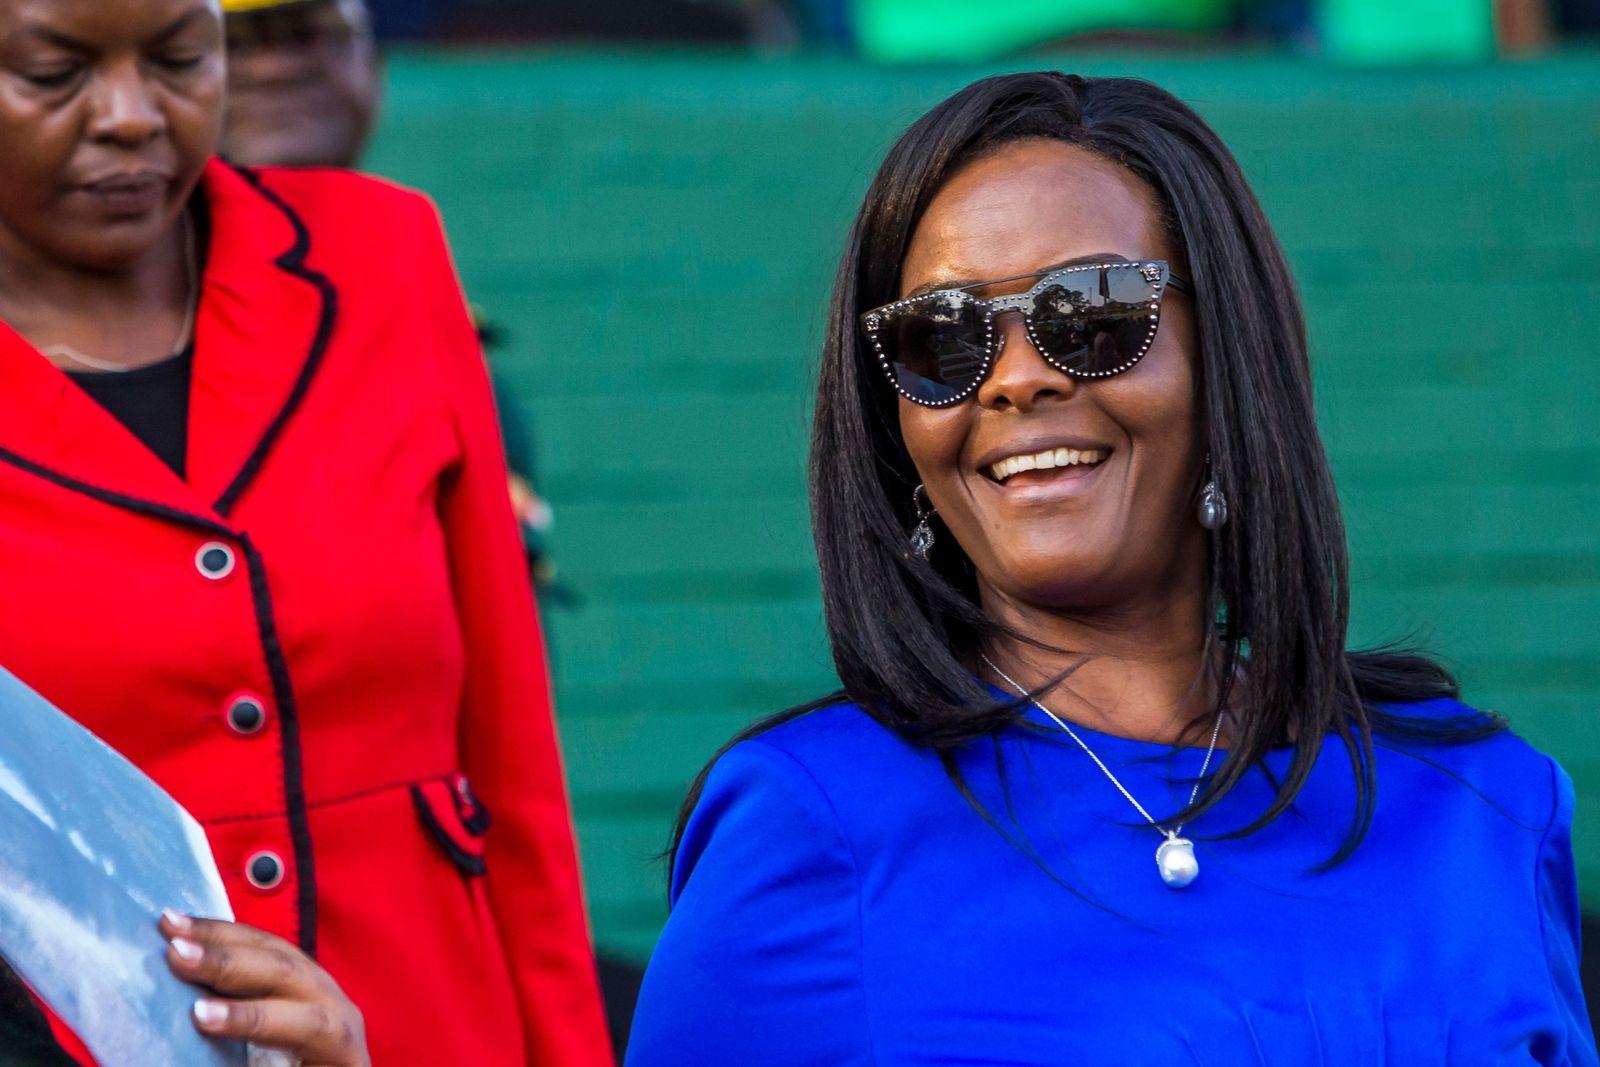 FILES-ZIMBABWE-POLITICS-CRIME-ELEPHANTS-MUGABE